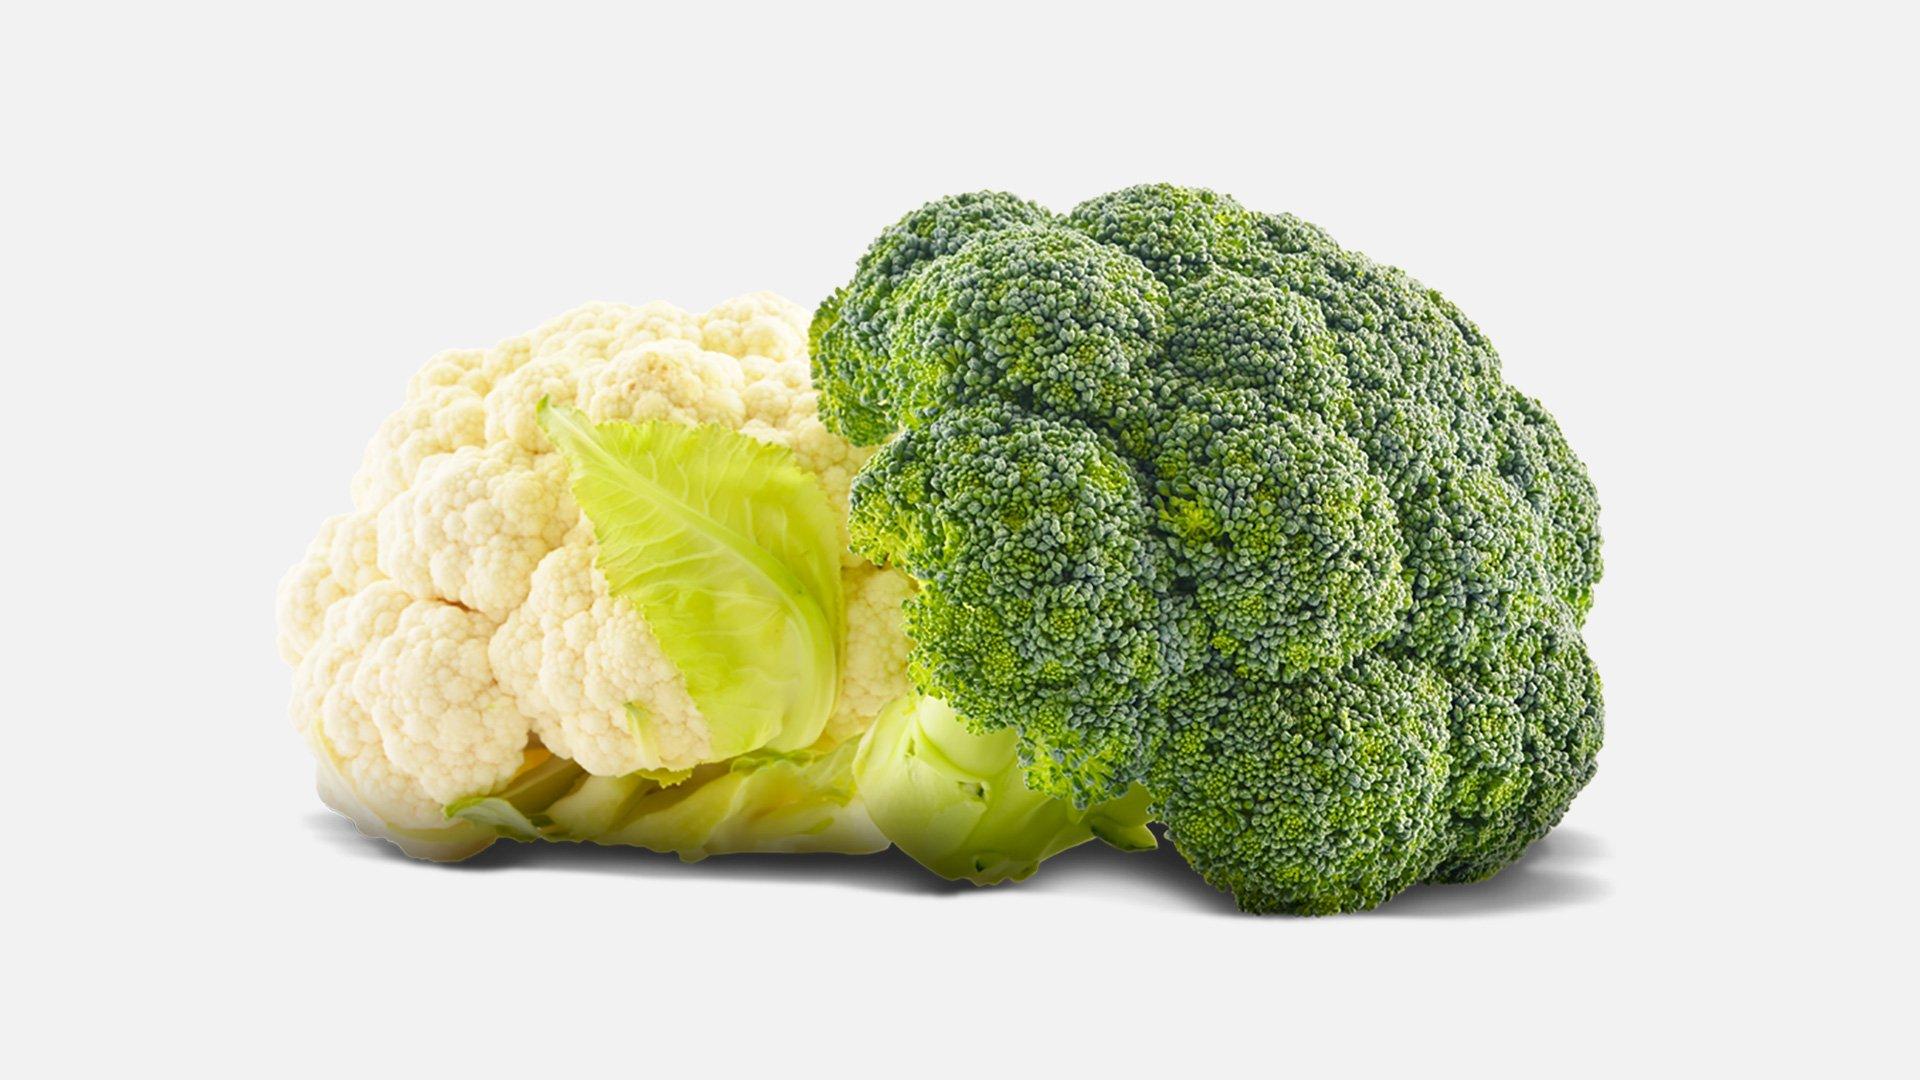 Ridurre l'invecchiamento con i broccoli